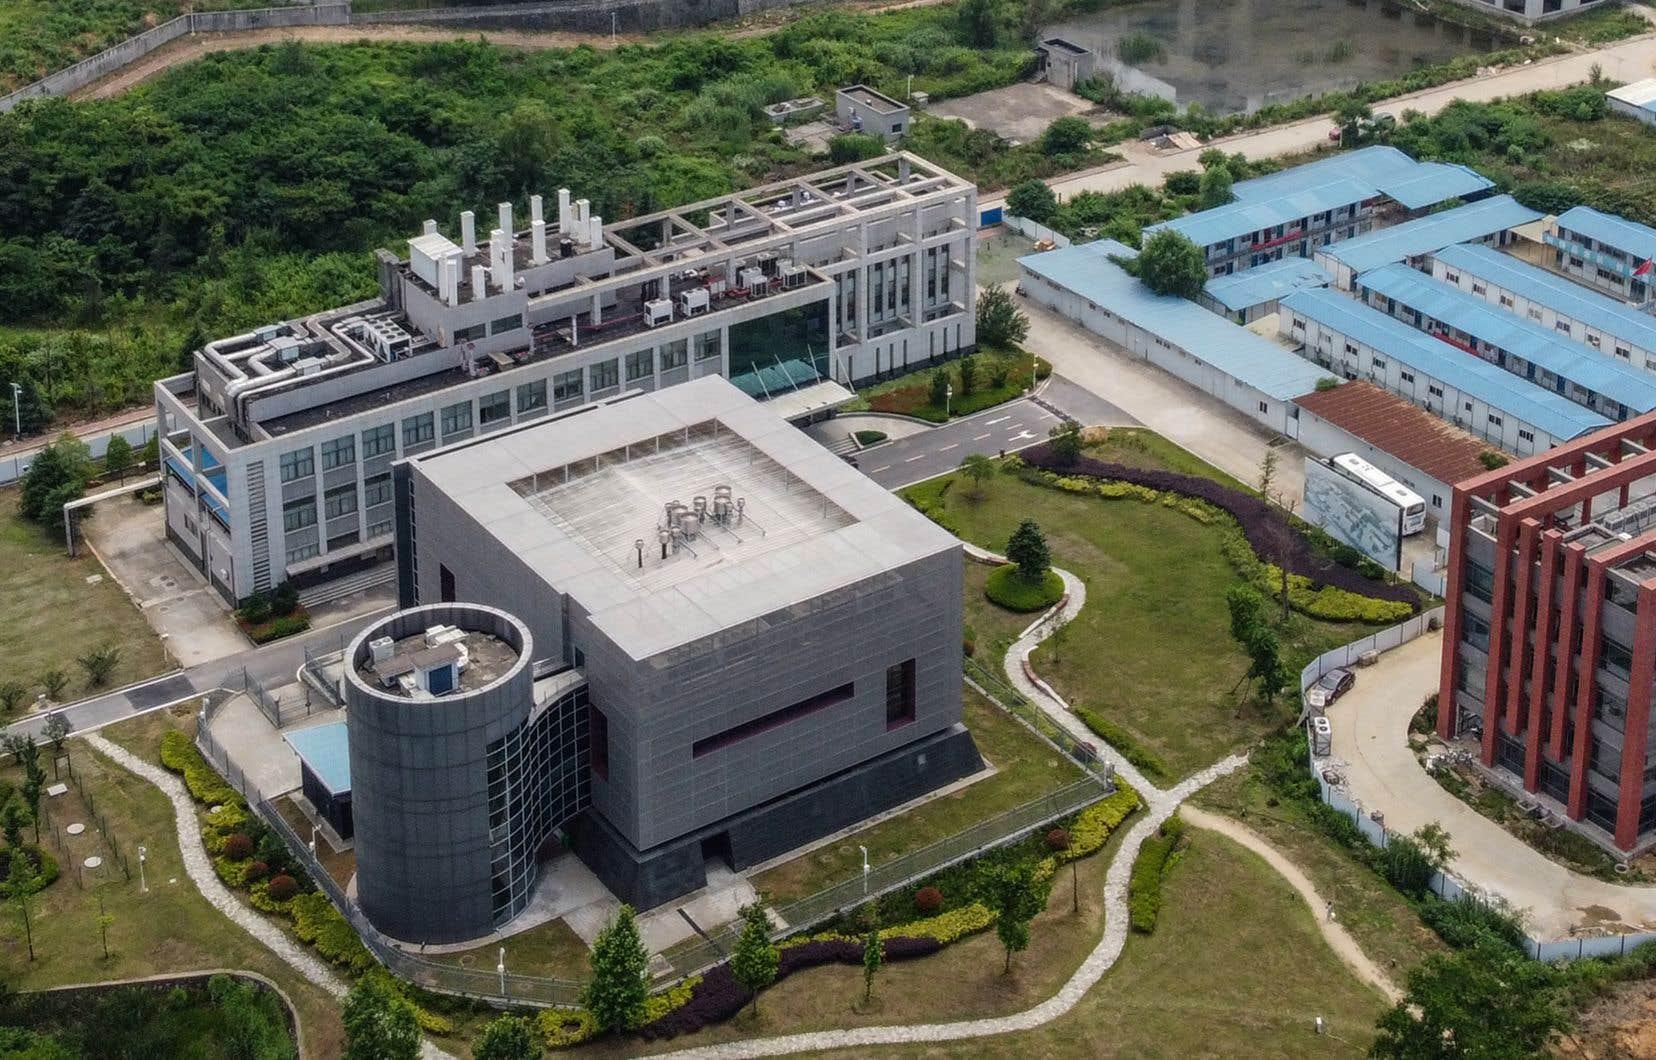 Au laboratoire P4, sur le campus de l'Institut de virologie de Wuhan, des recherches sur les maladies les plus dangereuses au monde sont conduites. Certains hauts responsables américains ont d'ailleurs soupçonné cet endroit d'être à l'origine de la pandémie de COVID-19.